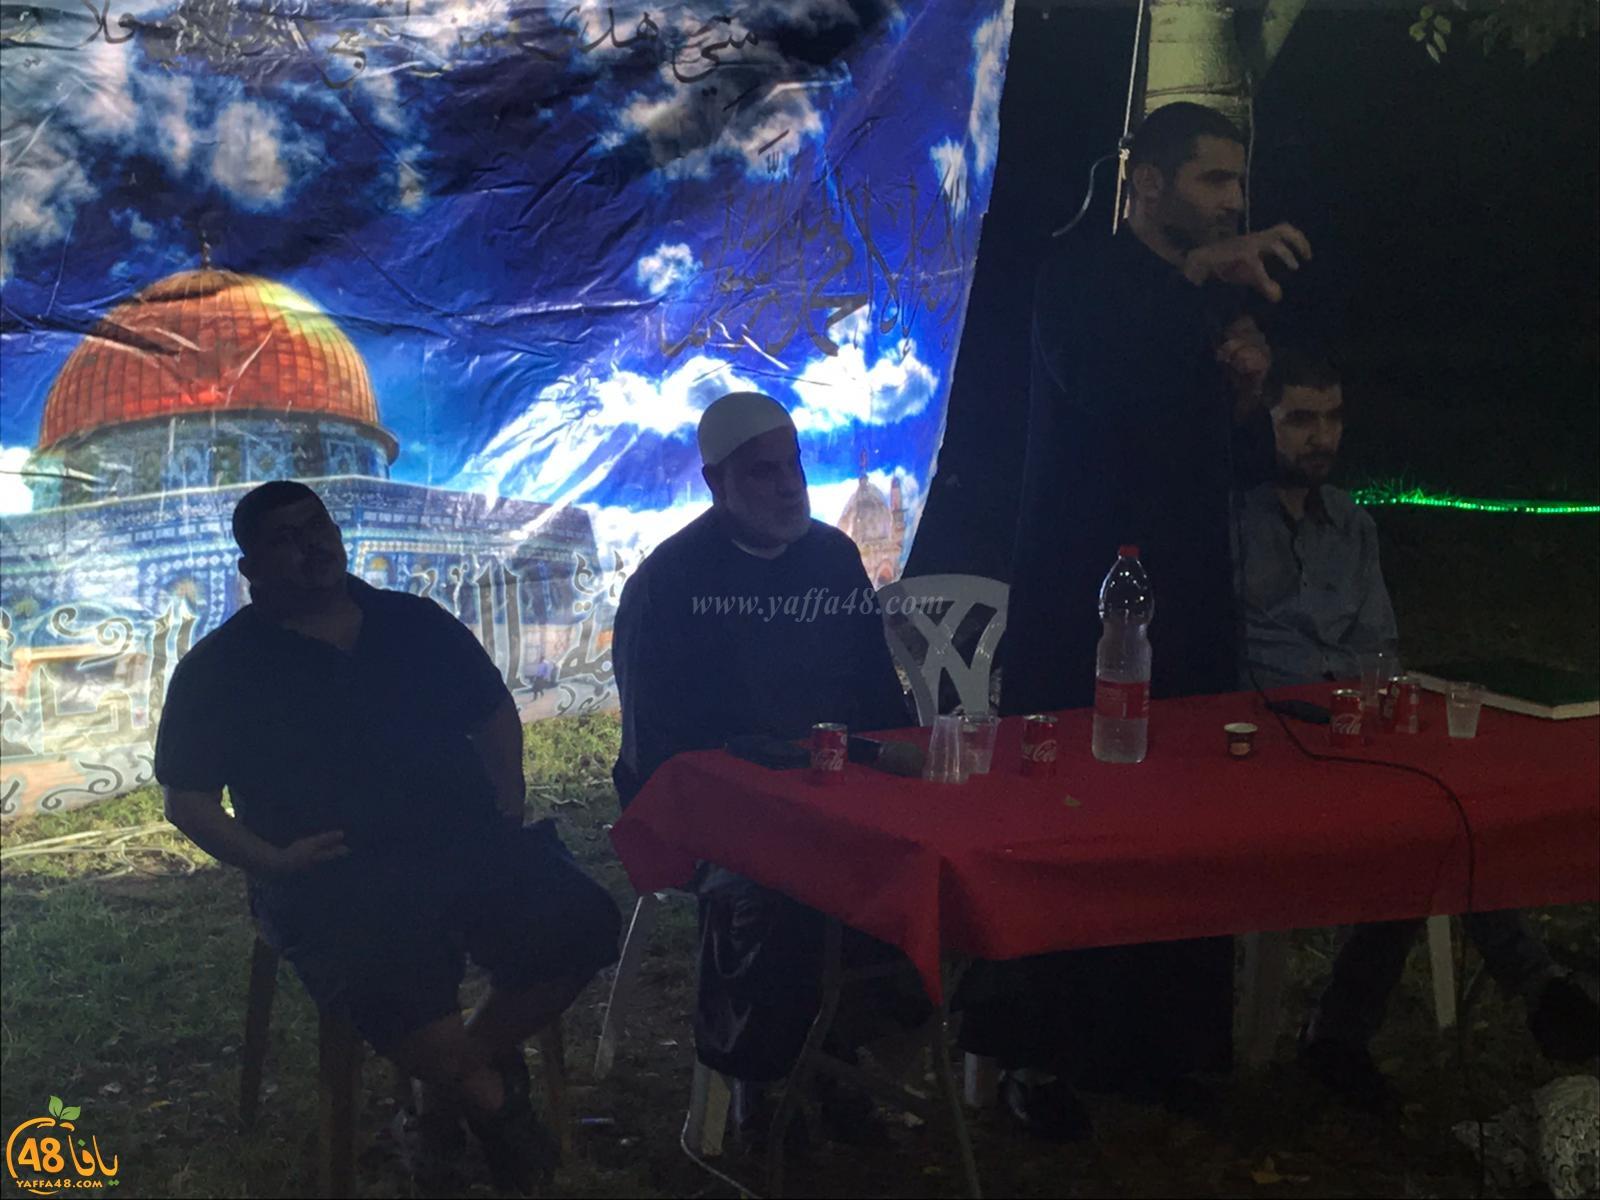 بالصور: خيمة الهدى تنظم أمسية دعوية في ضيافة عائلة نجدي بيافا